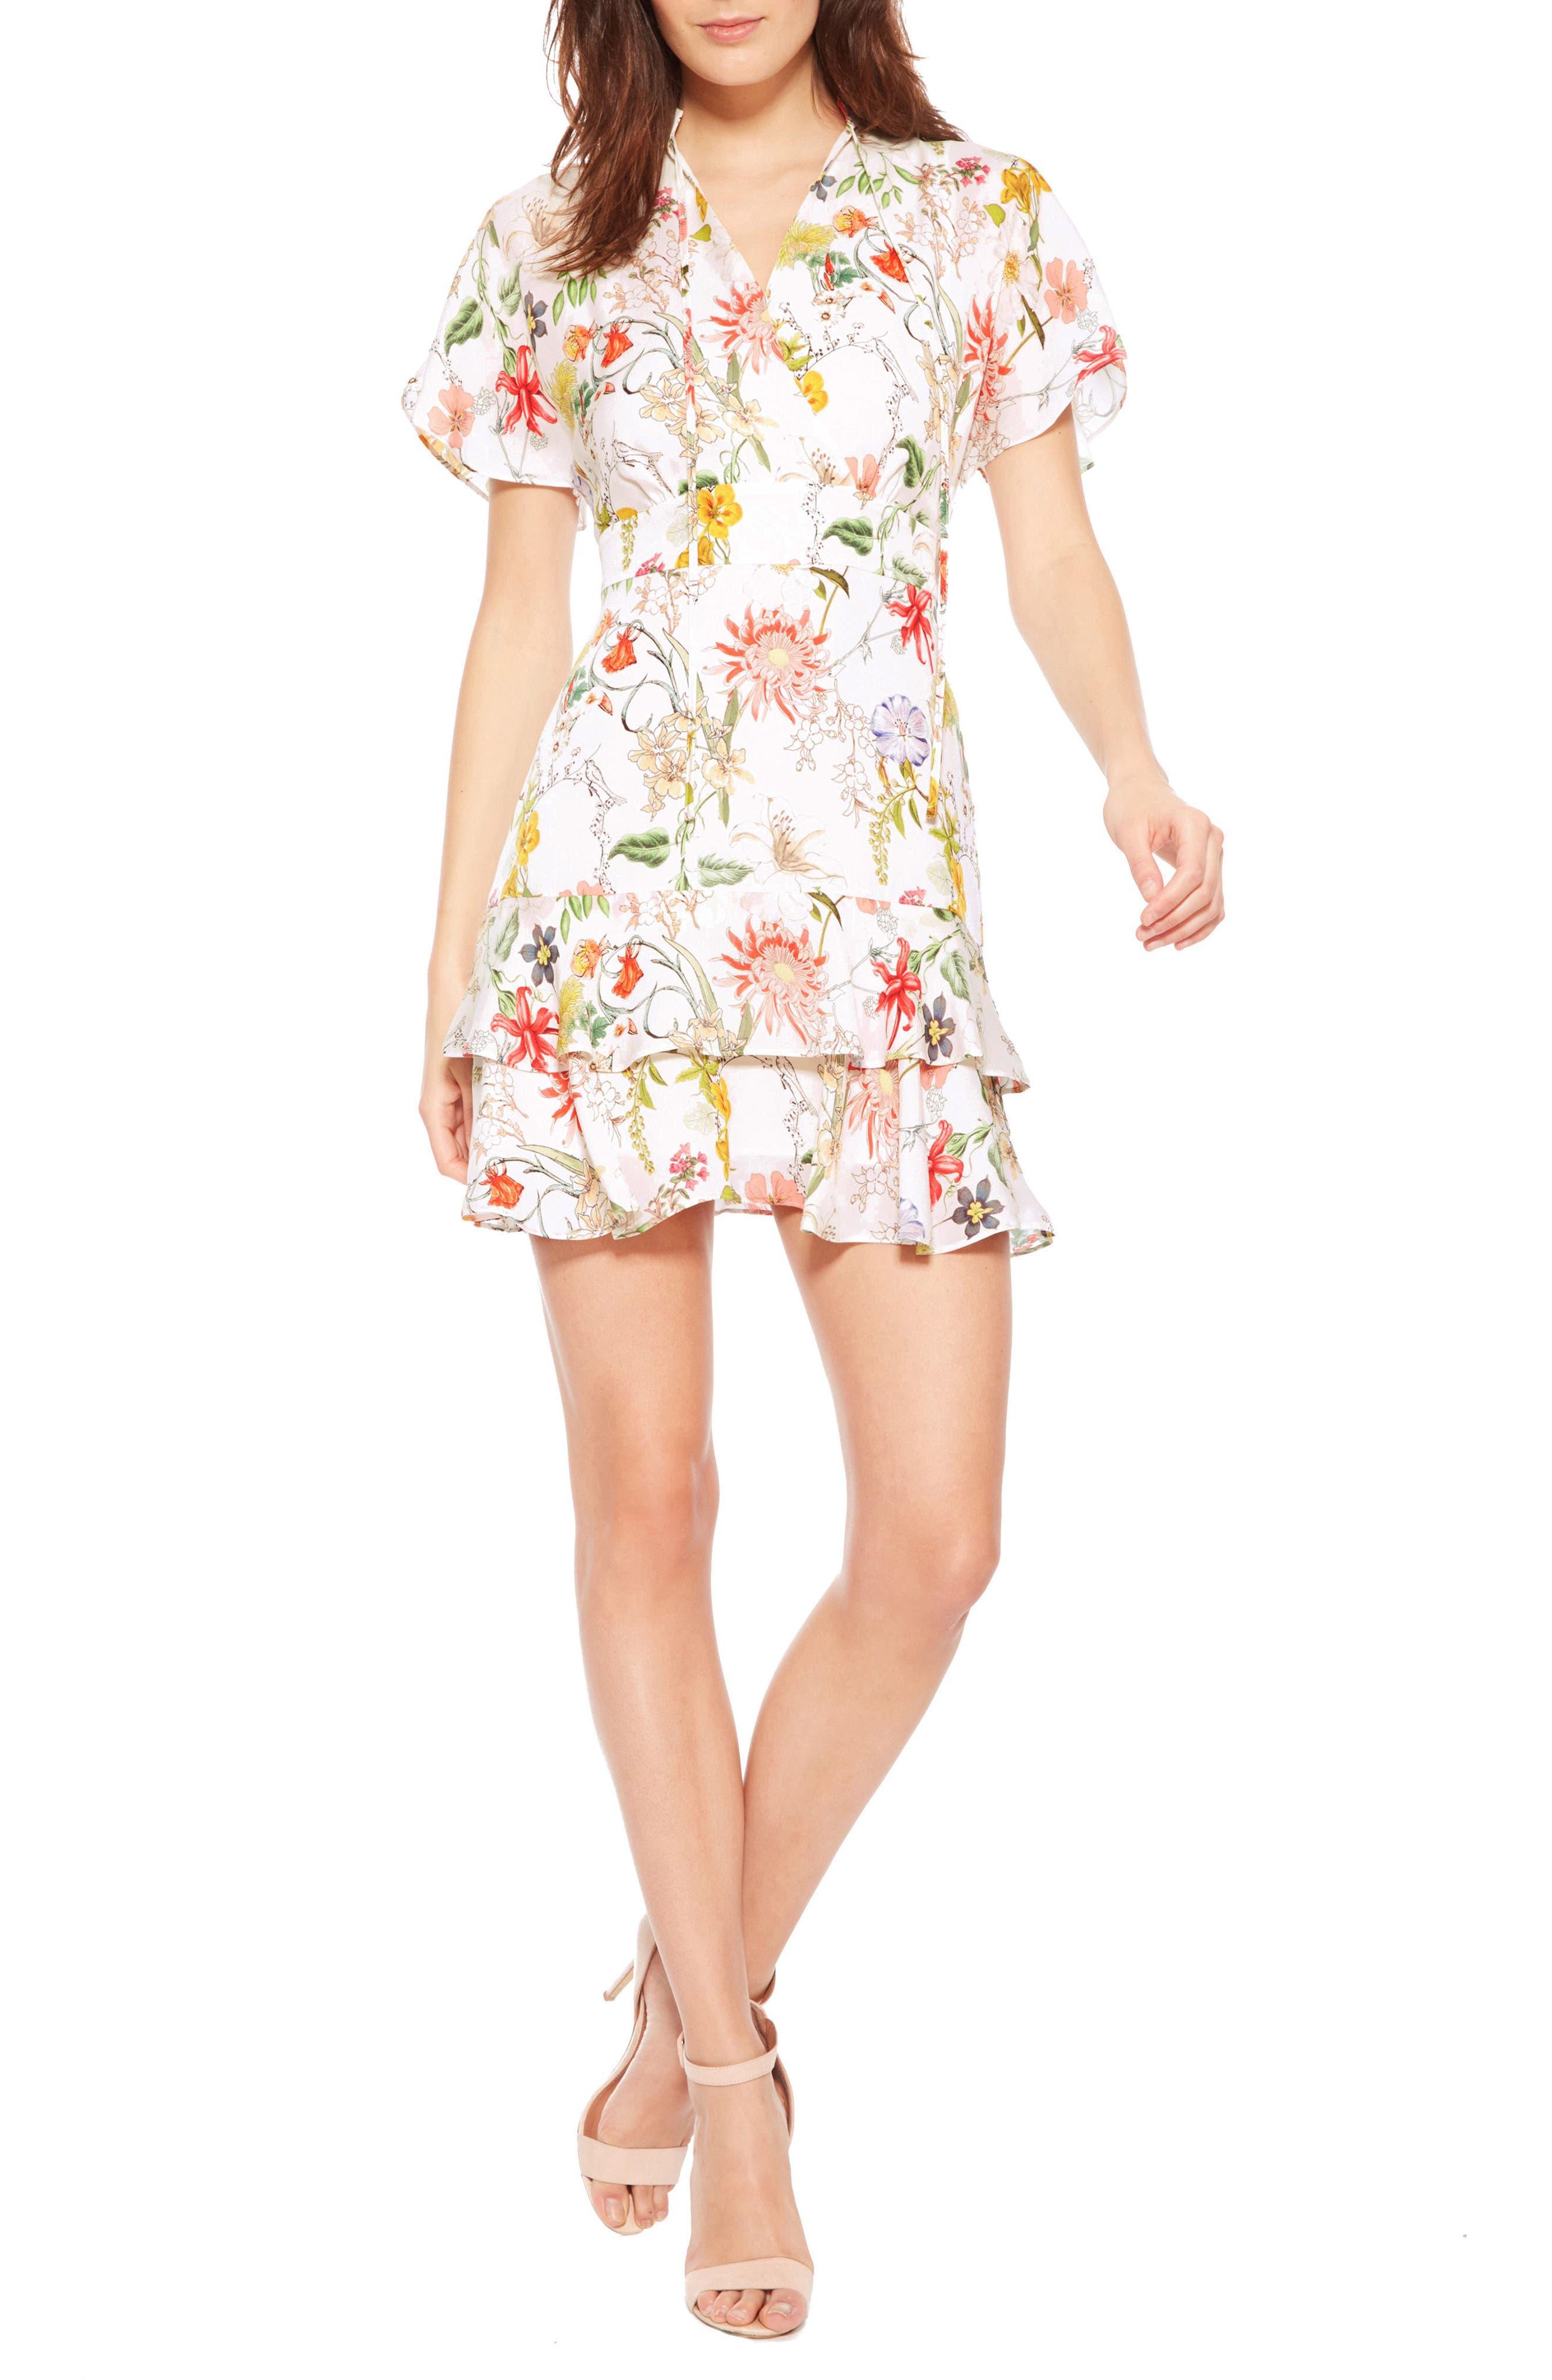 Alternate Image 1 Selected - Parker Natalie Floral Silk Dress